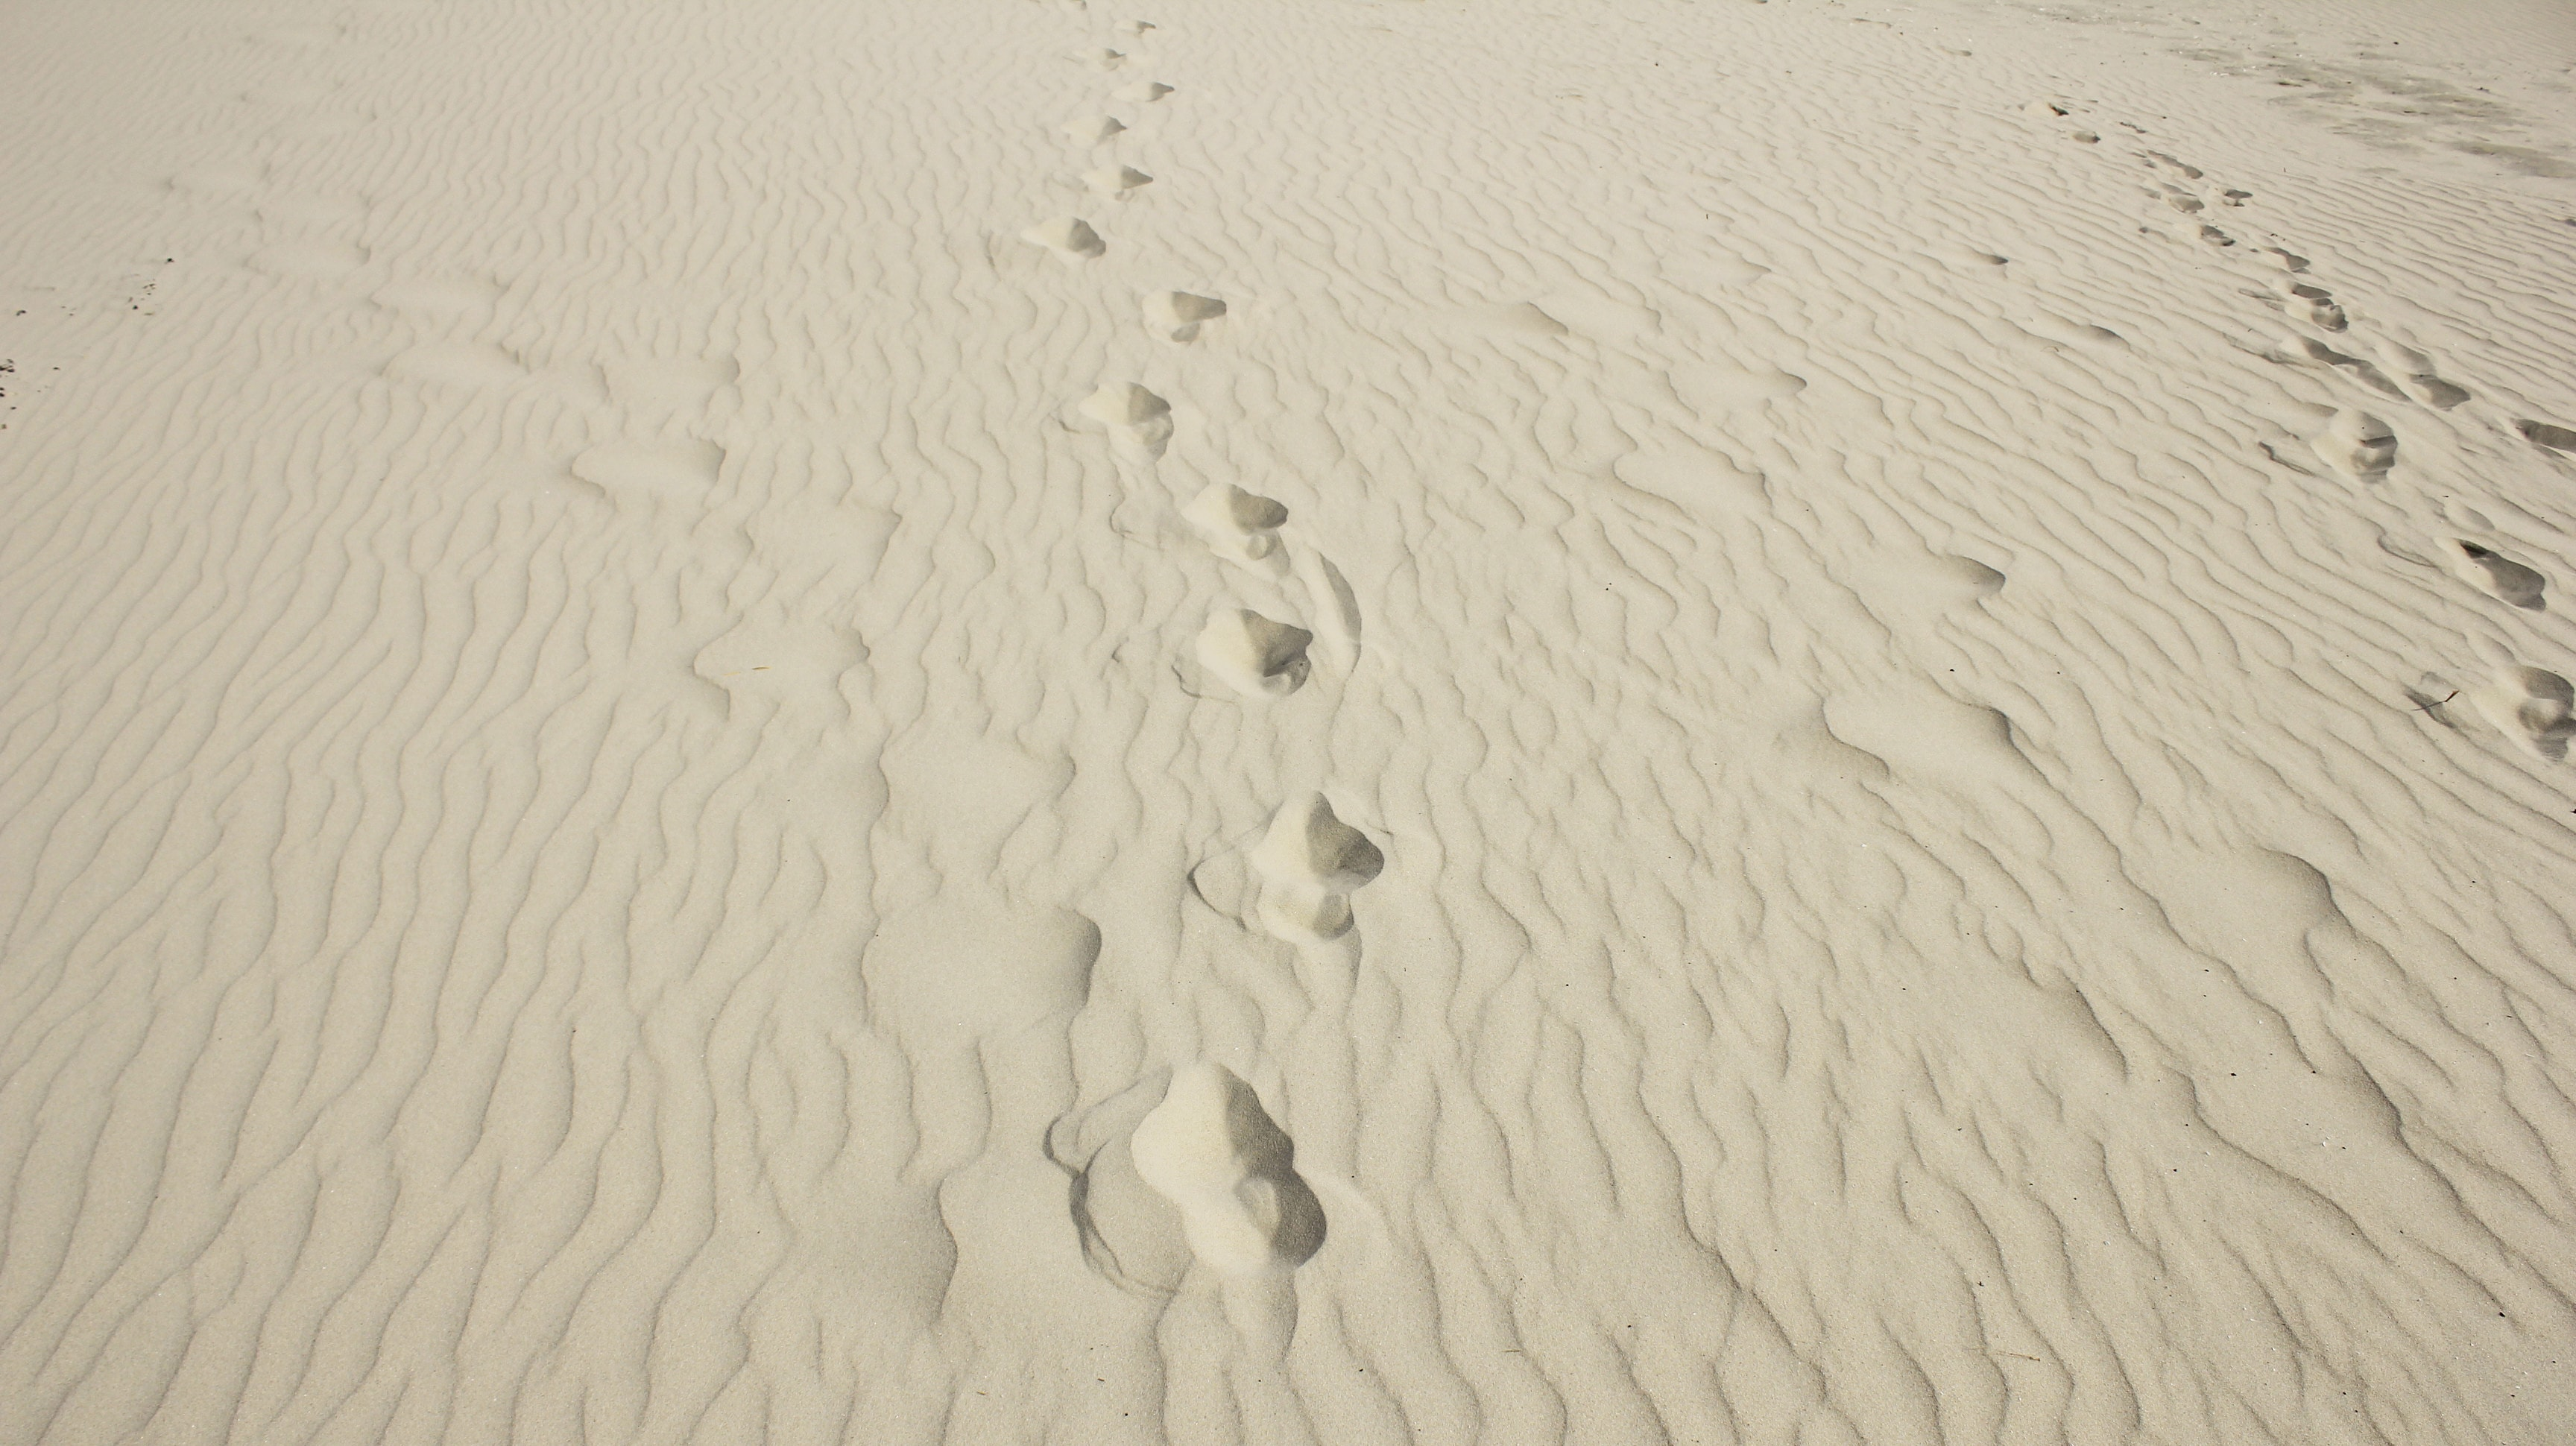 Insa ist auf Juist am Strand spaziert und hat Spuren im Sand hinterlassen.